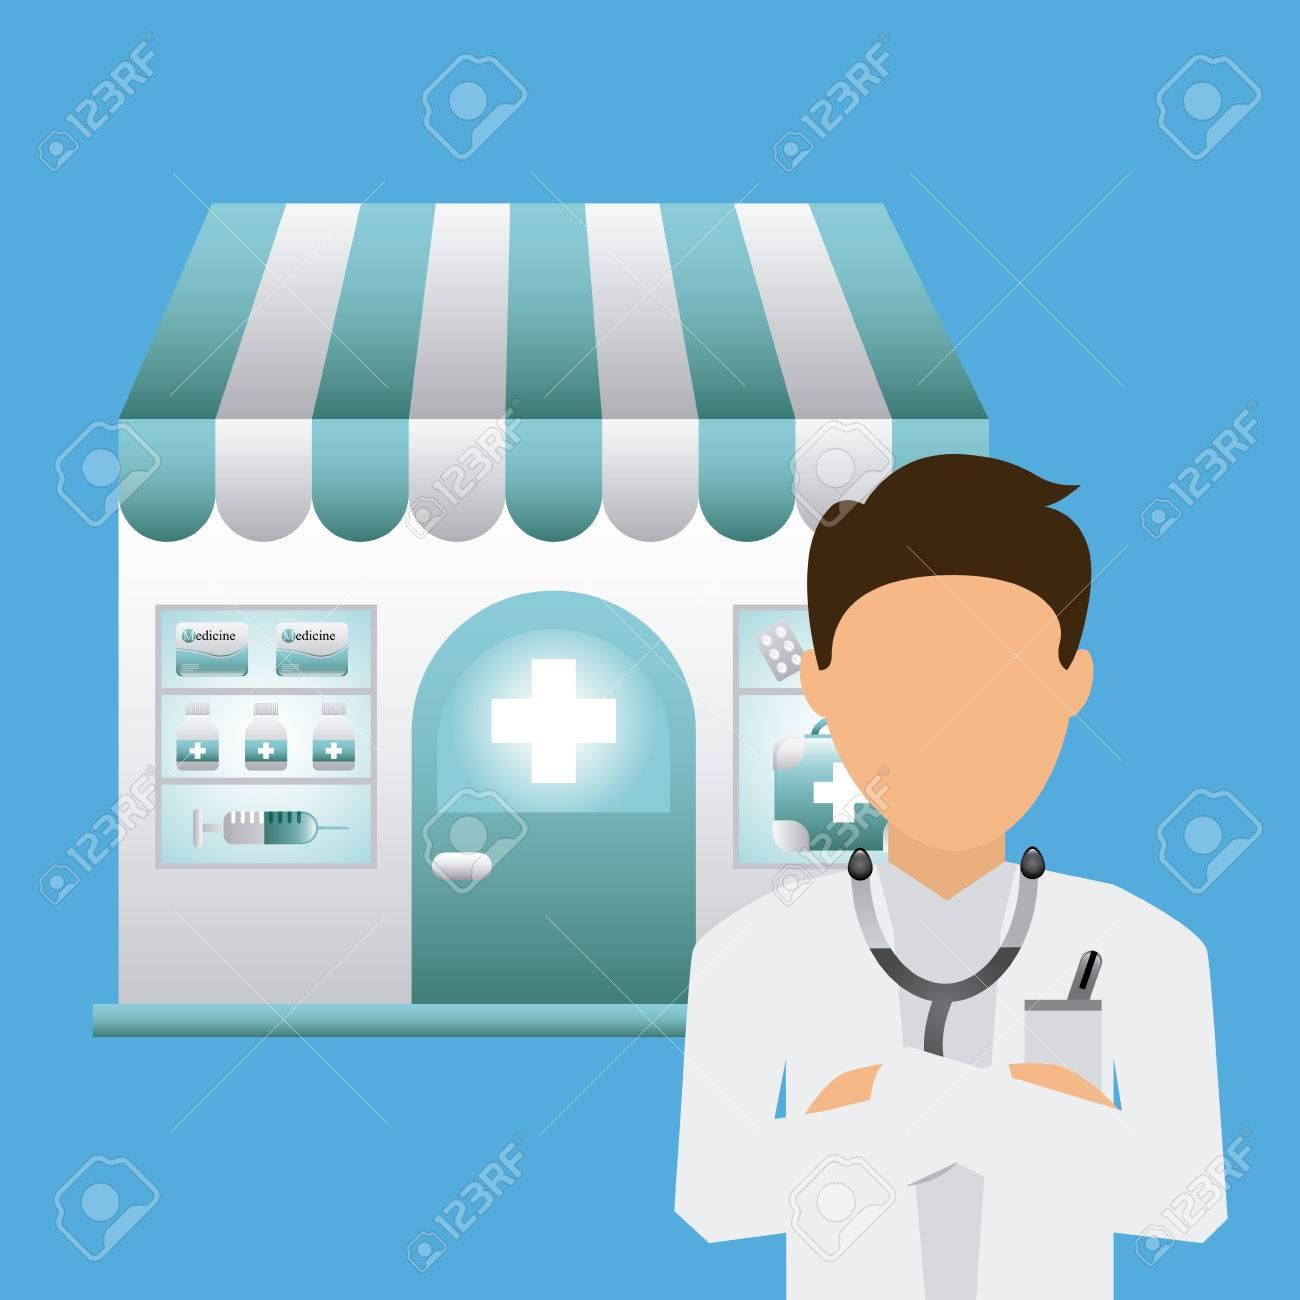 Poster design medical - Medical Poster Design Stock Vector 40950190